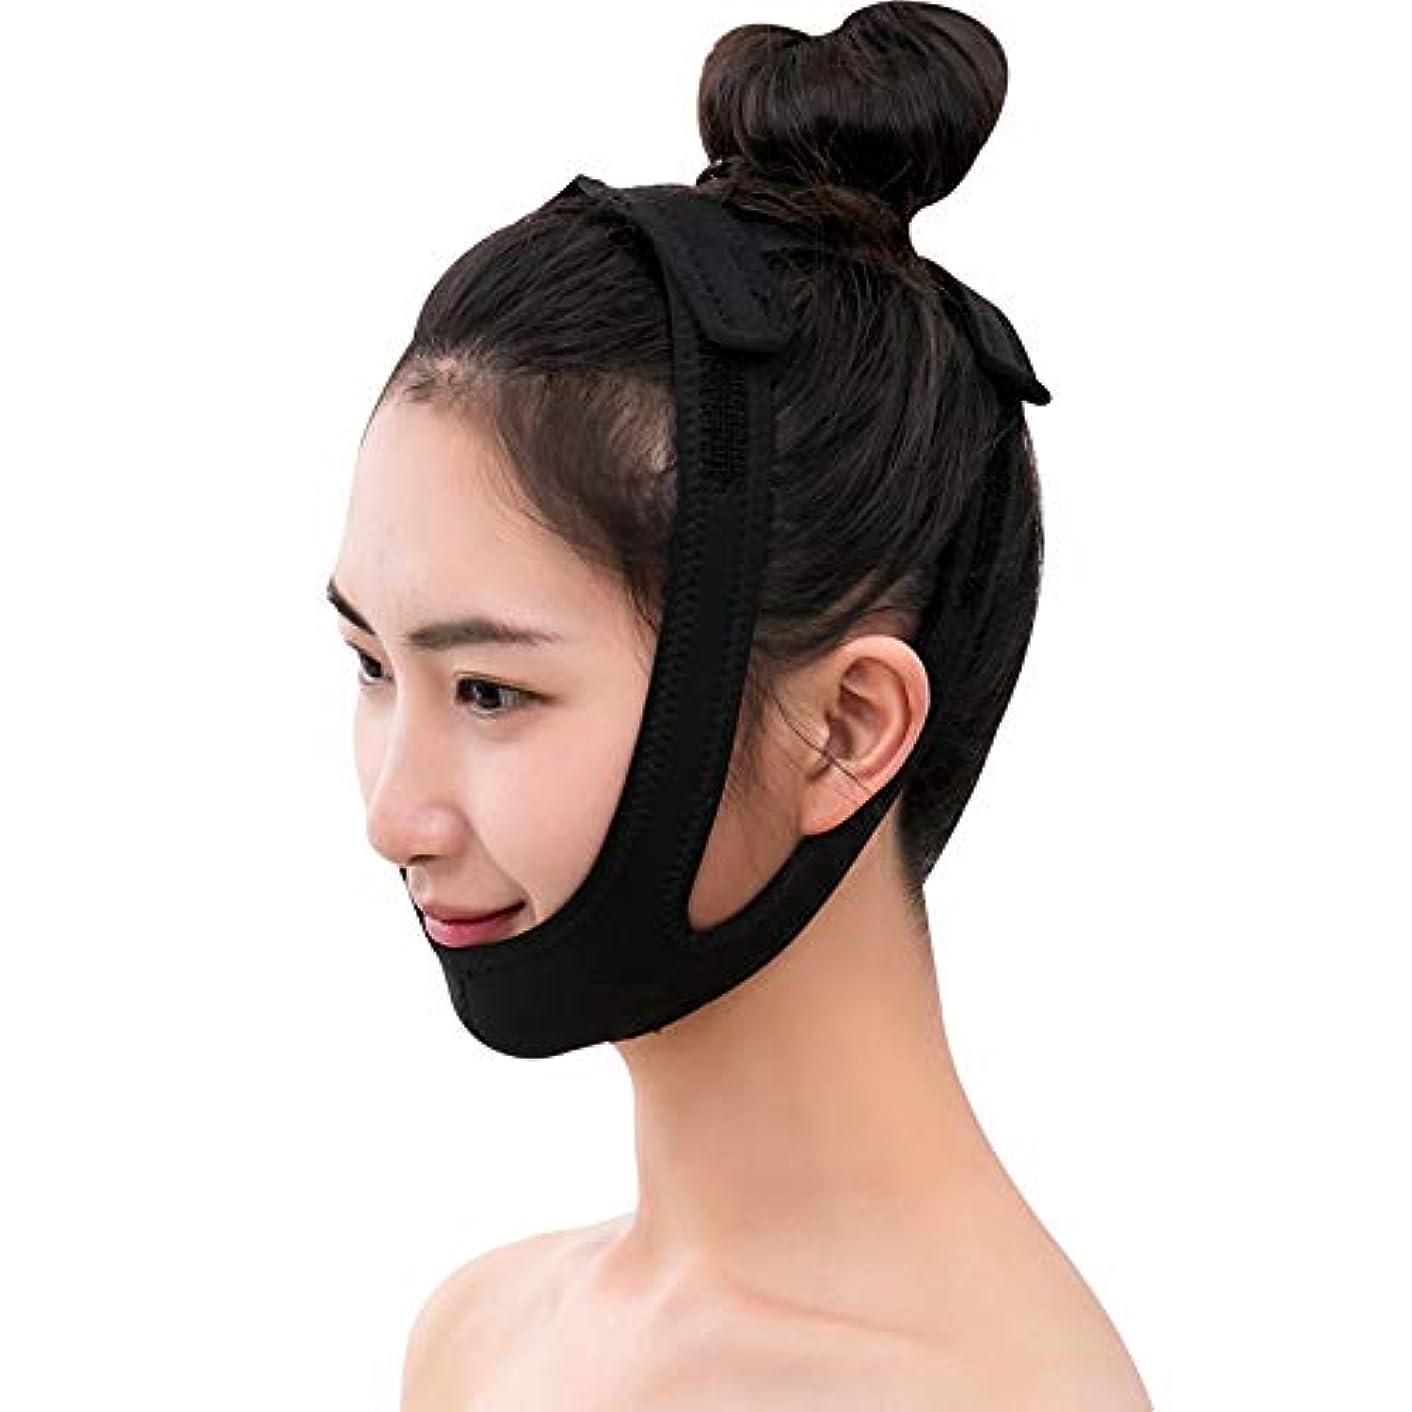 下品弾性批判的XINGZHE フェイシャルリフティング痩身ベルト圧縮二重あご減量ベルトスキンケア薄い顔包帯二重あごワークアウト フェイスリフティングベルト